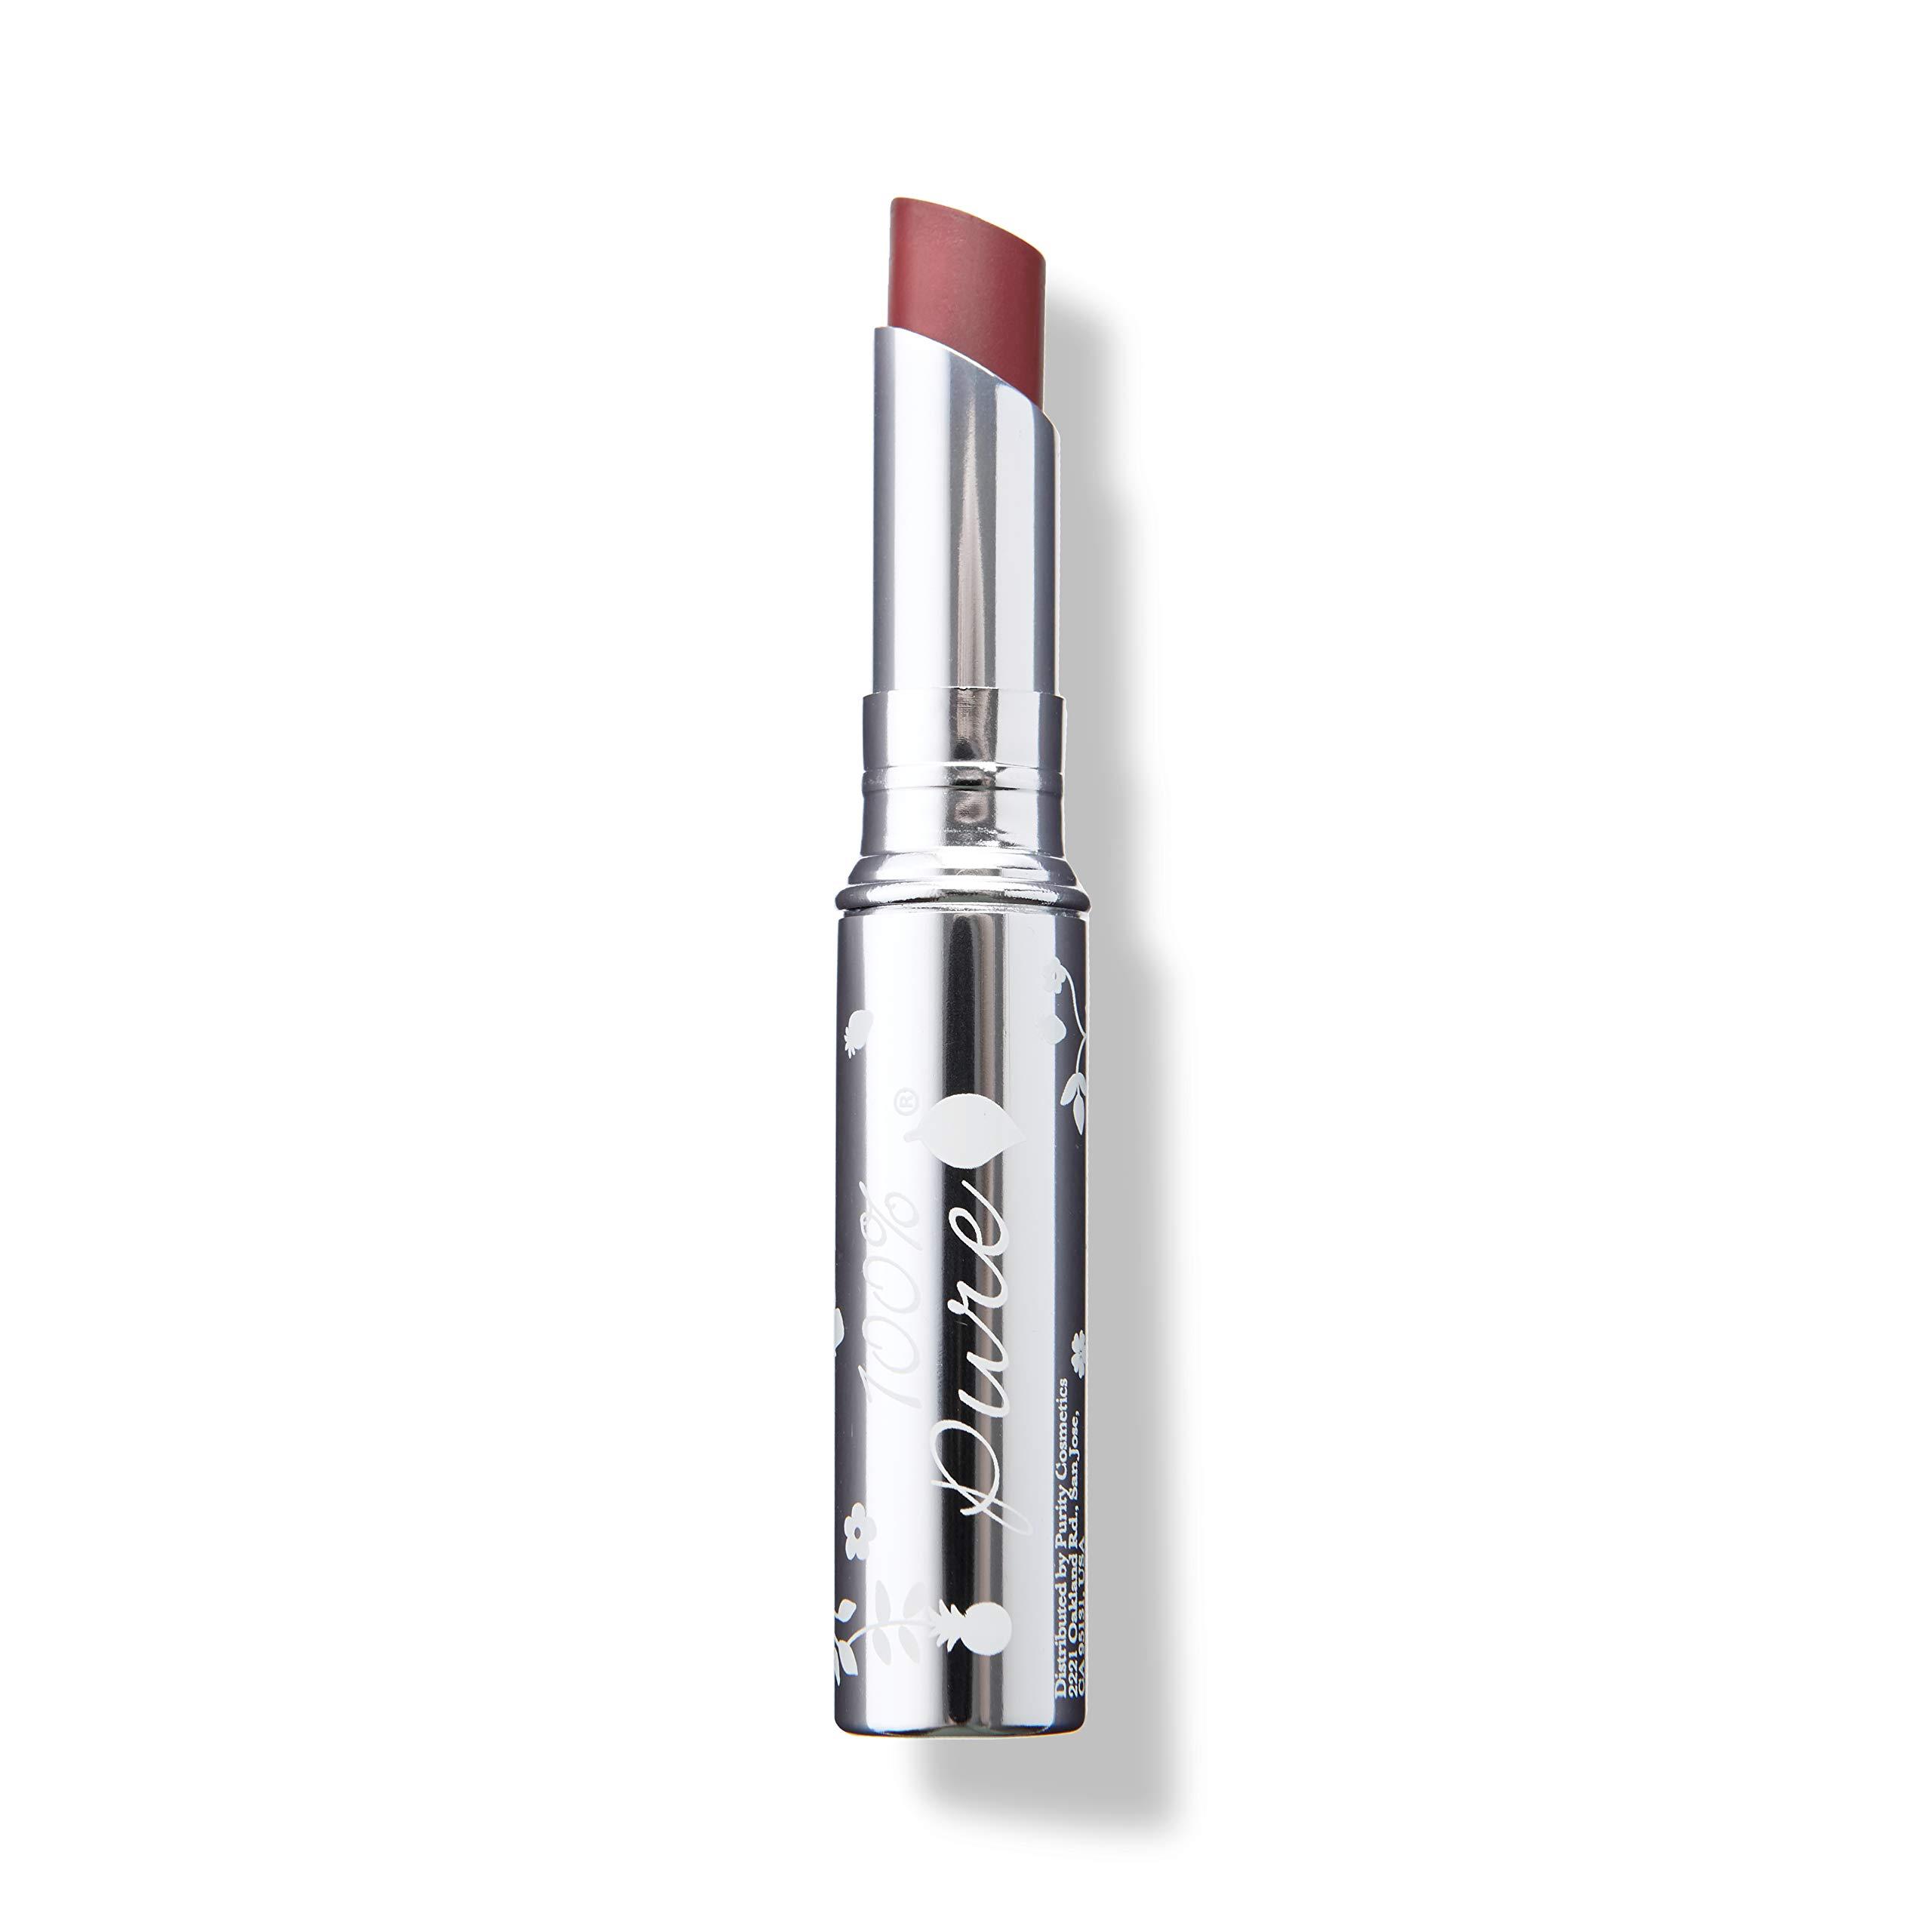 100% PURE Lip Glaze, Coquette, Tinted Lip Balm, With Cocoa Butter, Vitamin E, Lip Moisturizer, Natural Lip Balm (Dusty Rose Nude Color) - 0.088 oz